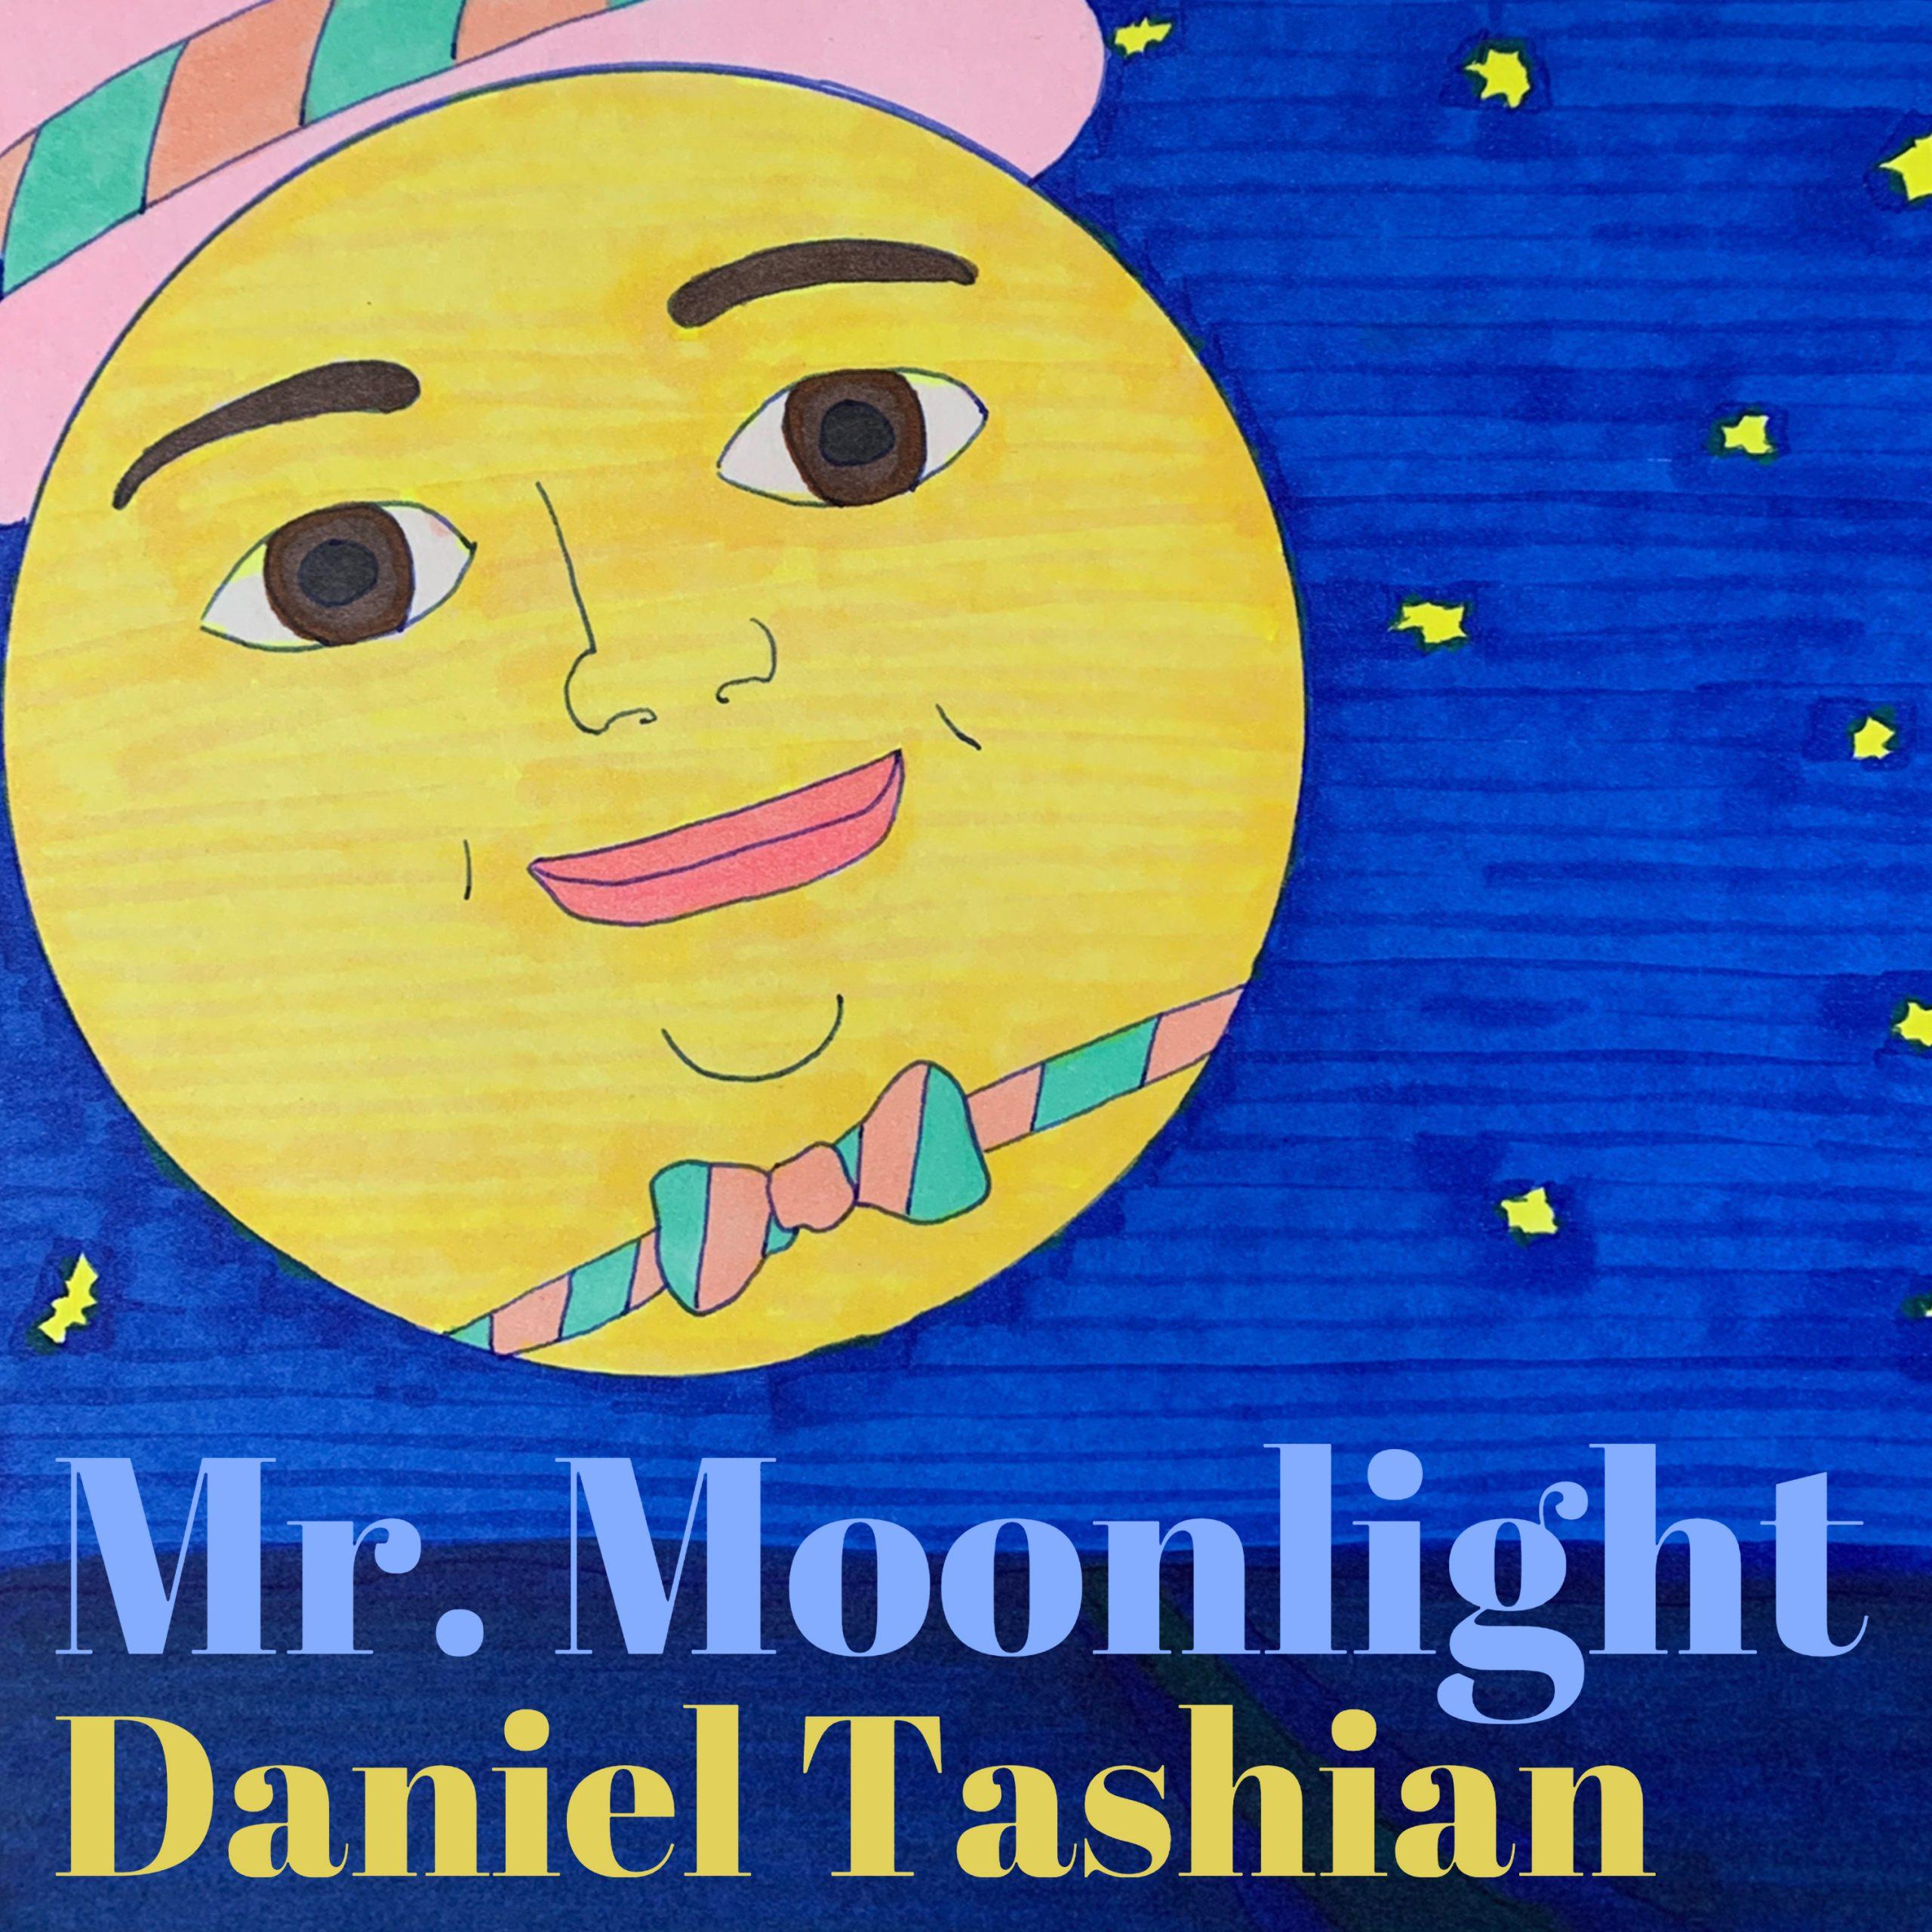 'Mr. Moonlight'